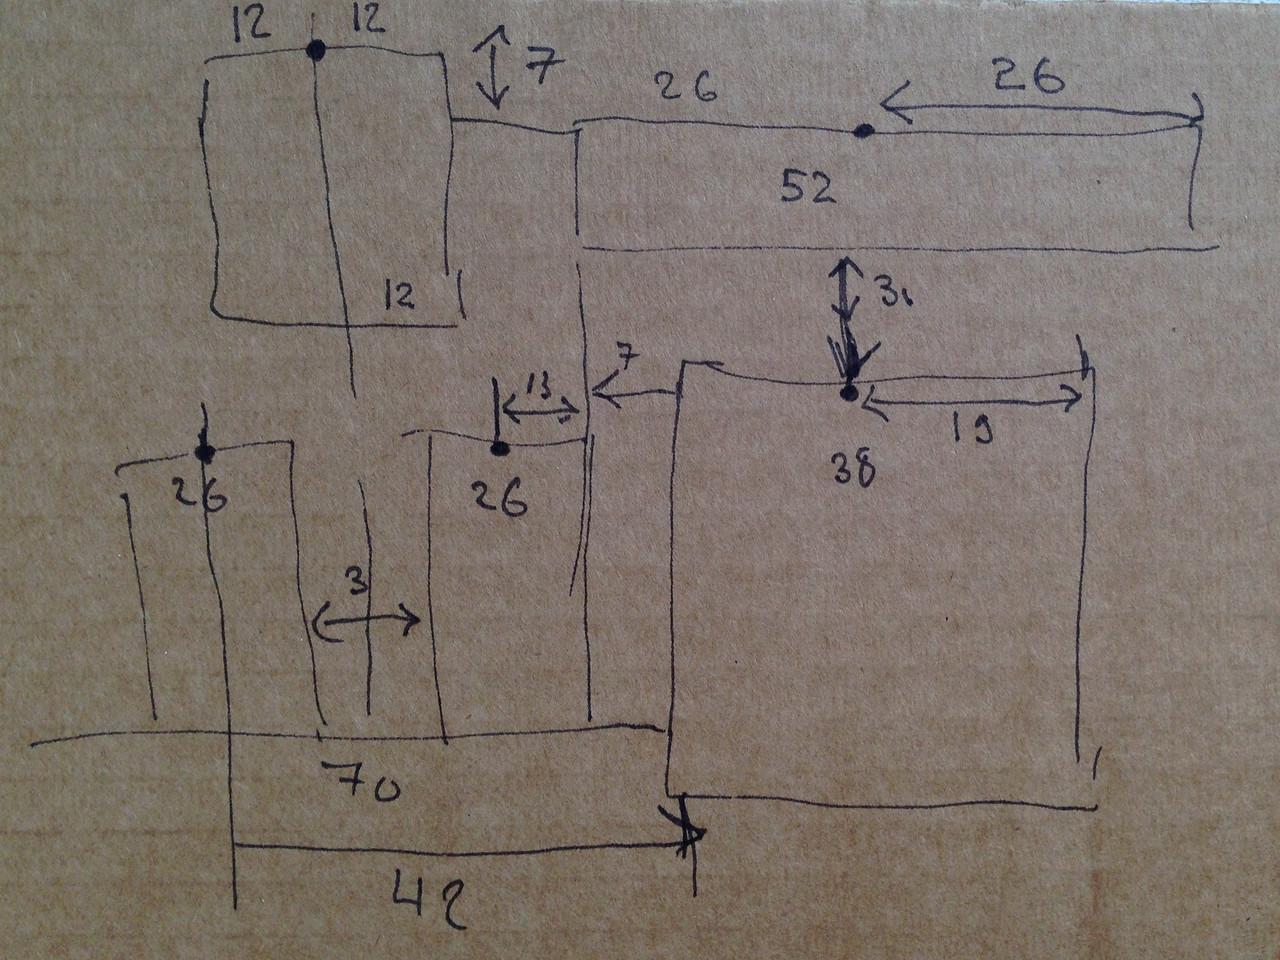 Схема расположения рамок или ответ на вопрос, почему меня не любят рабочие.